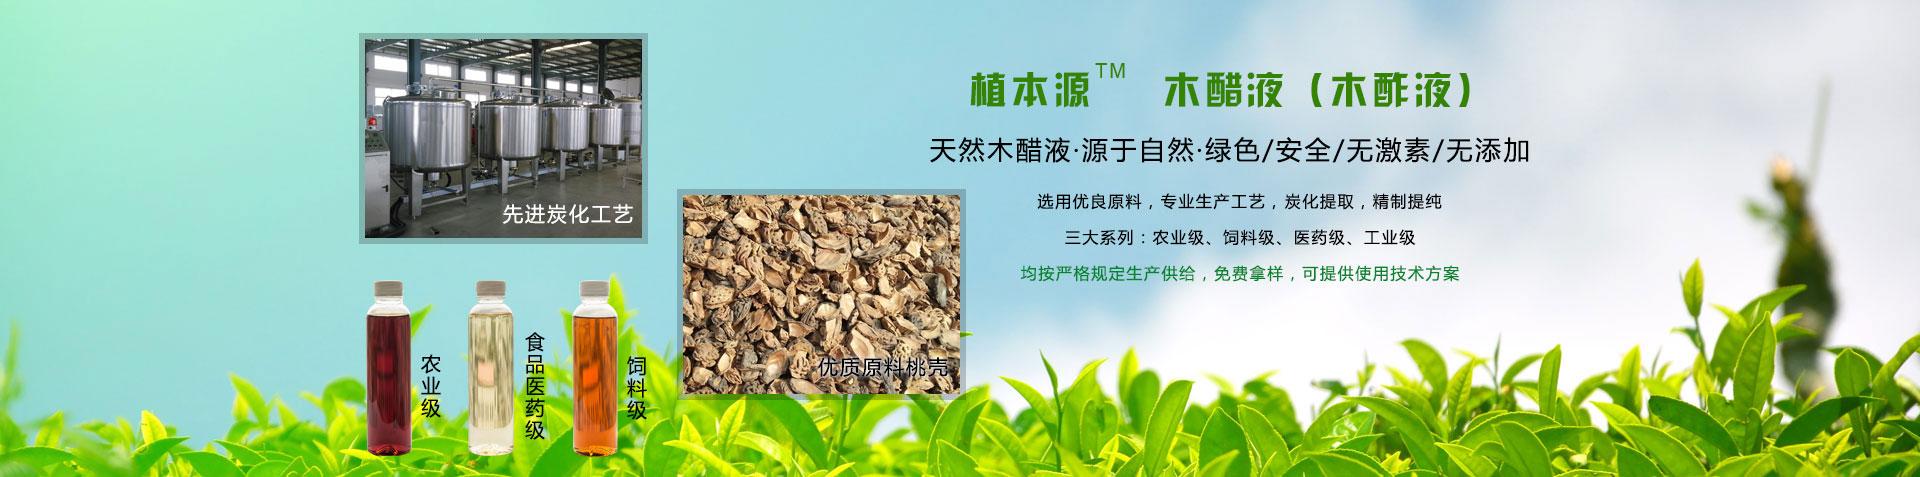 专业的水处理活性炭、脱色活性炭、木质活性炭厂家